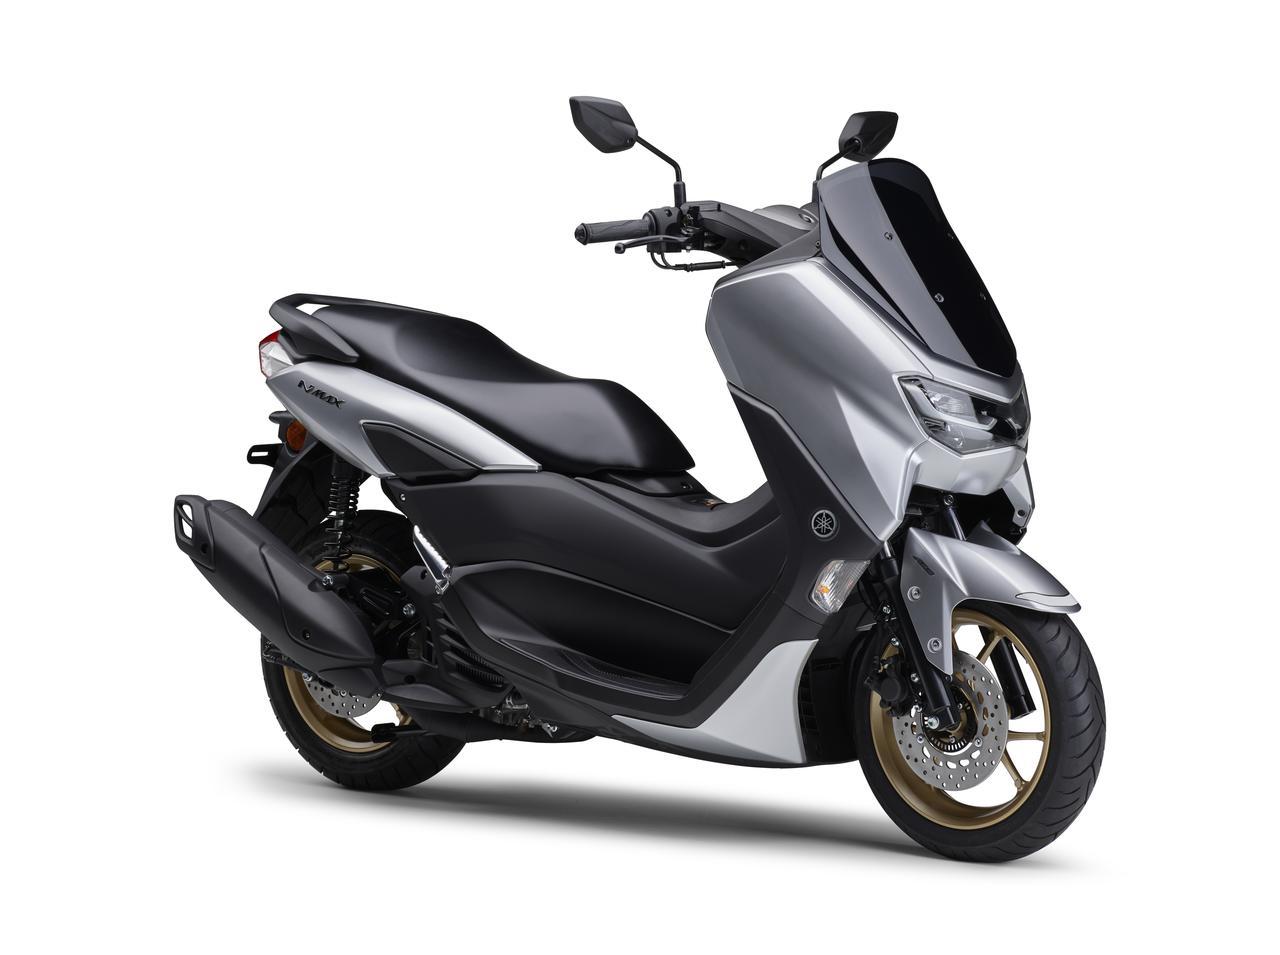 画像4: ヤマハが新型「NMAX ABS」を発売! エンジン改良&新フレームの採用とともにトラコンやスマホ連携機能も新搭載